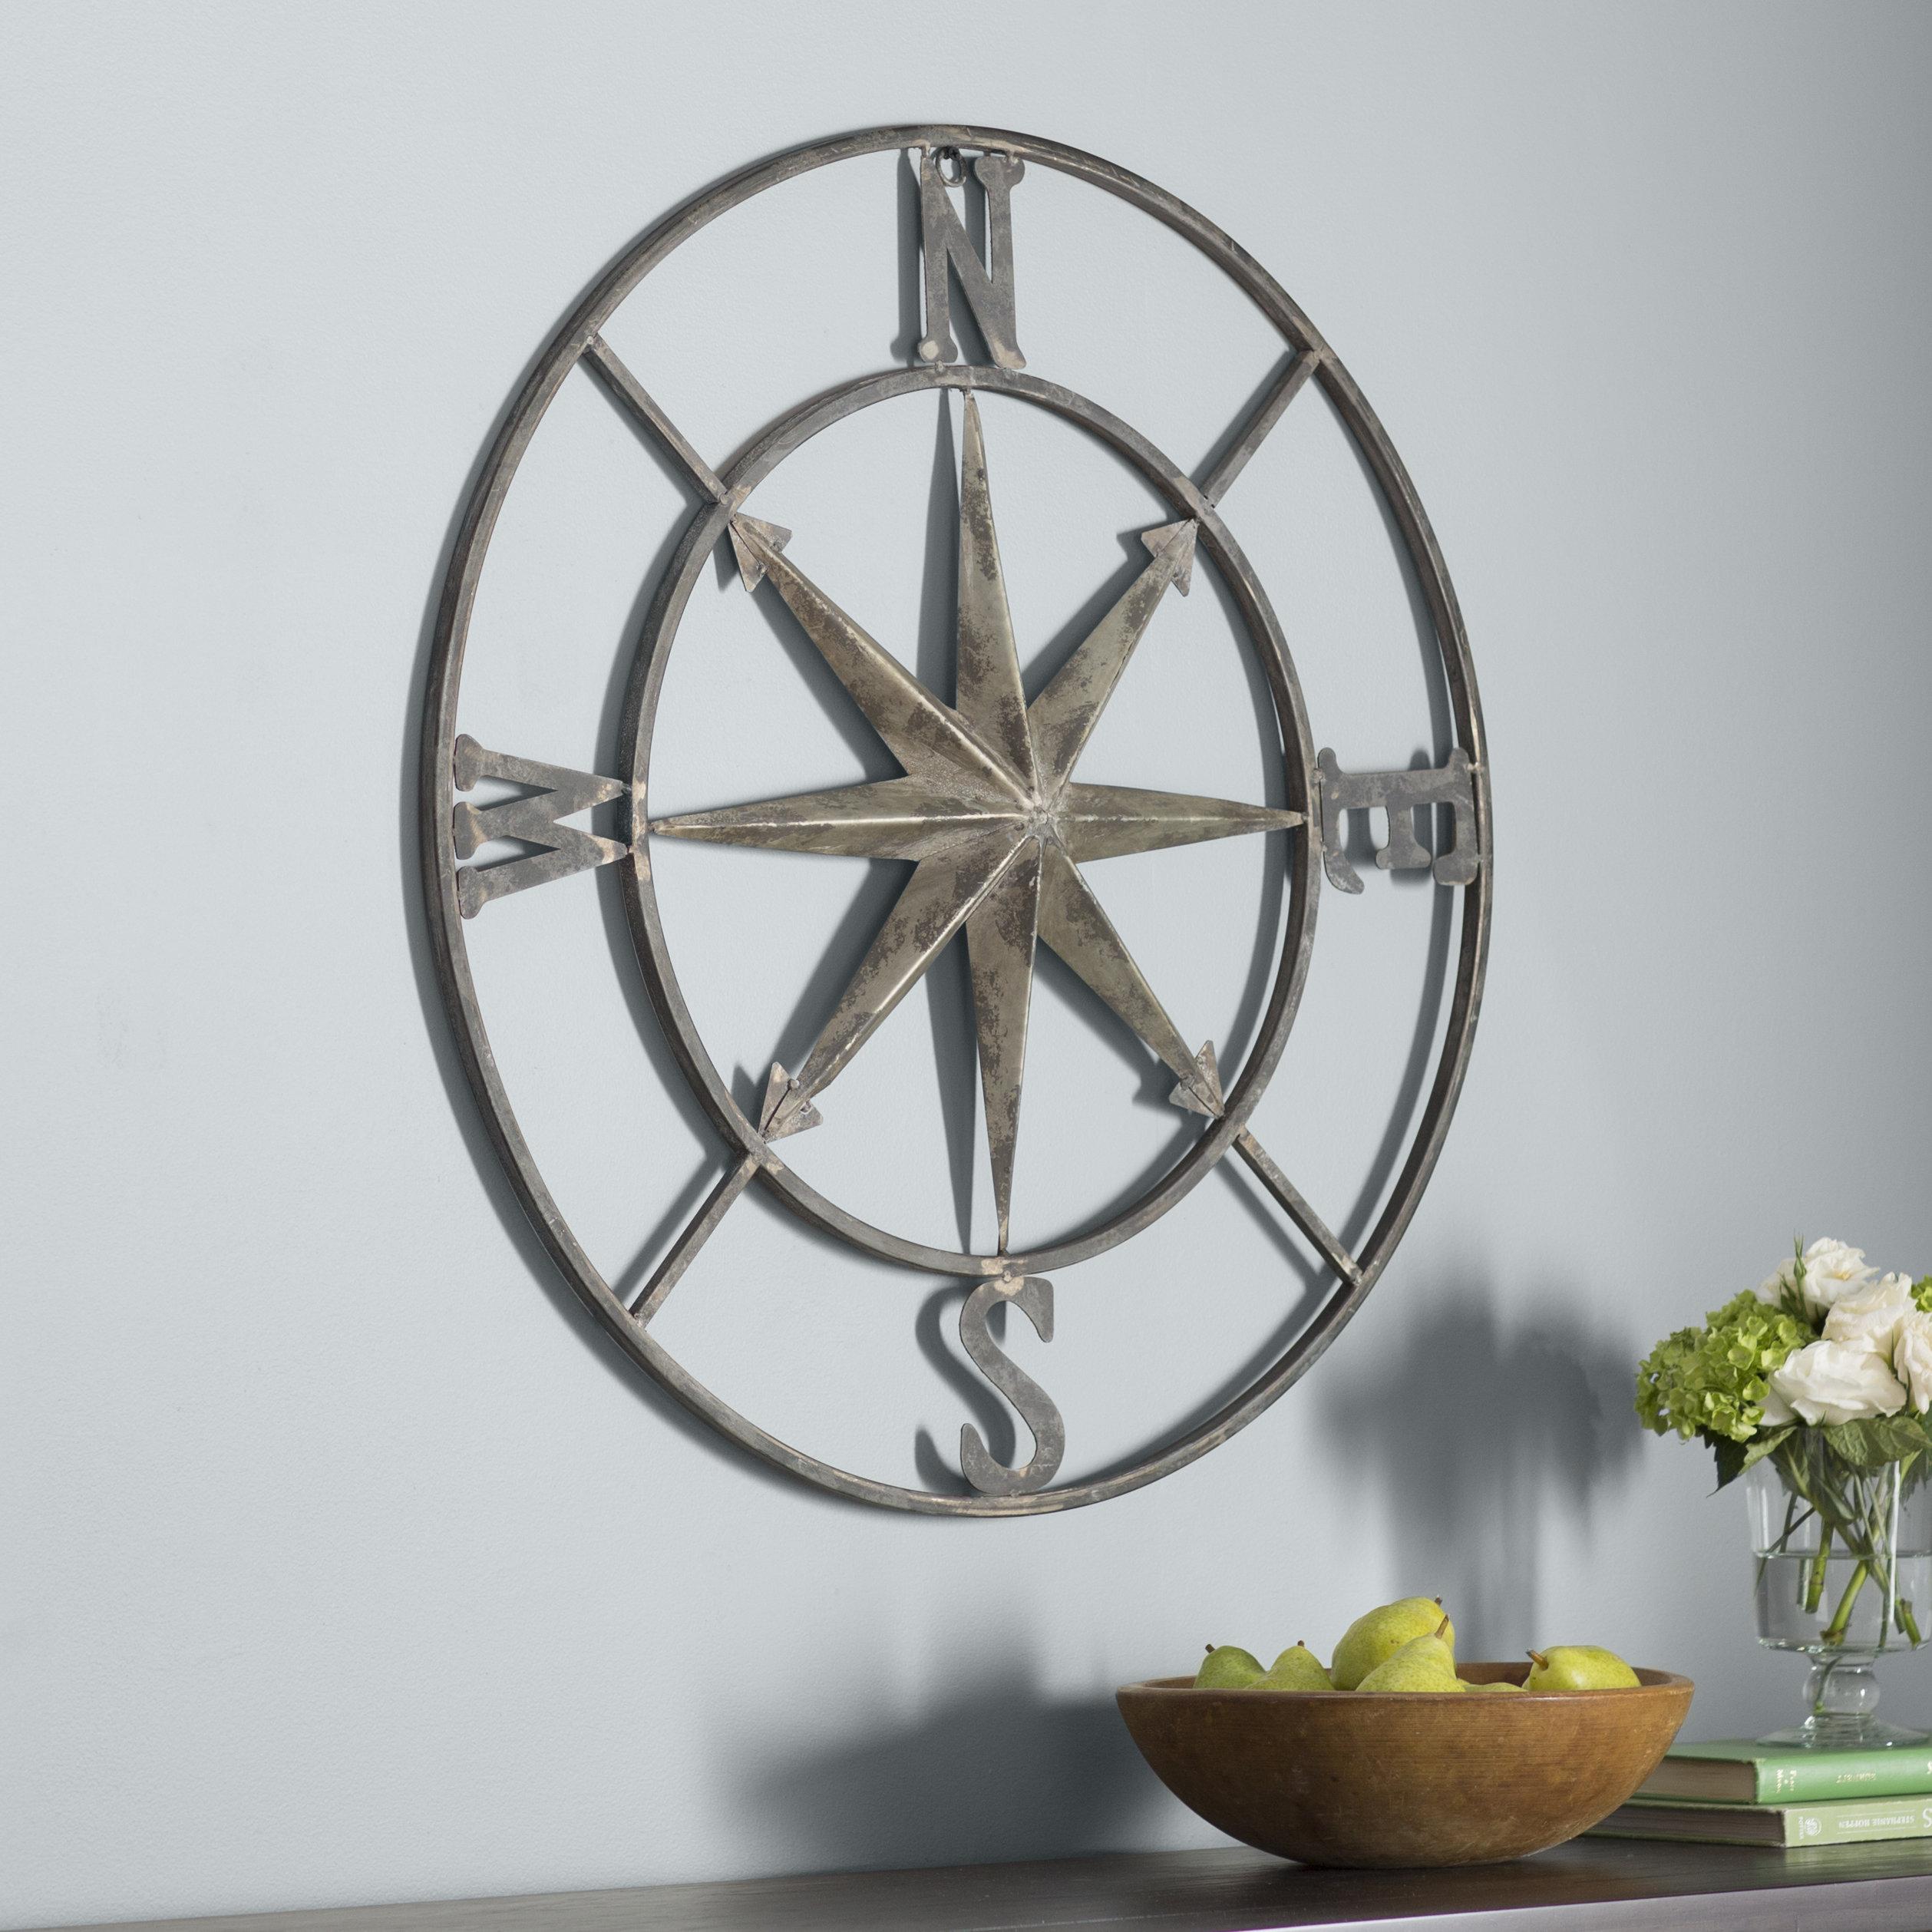 Compass Wall Decor | Wayfair Inside Outdoor Metal Wall Compass (View 17 of 30)